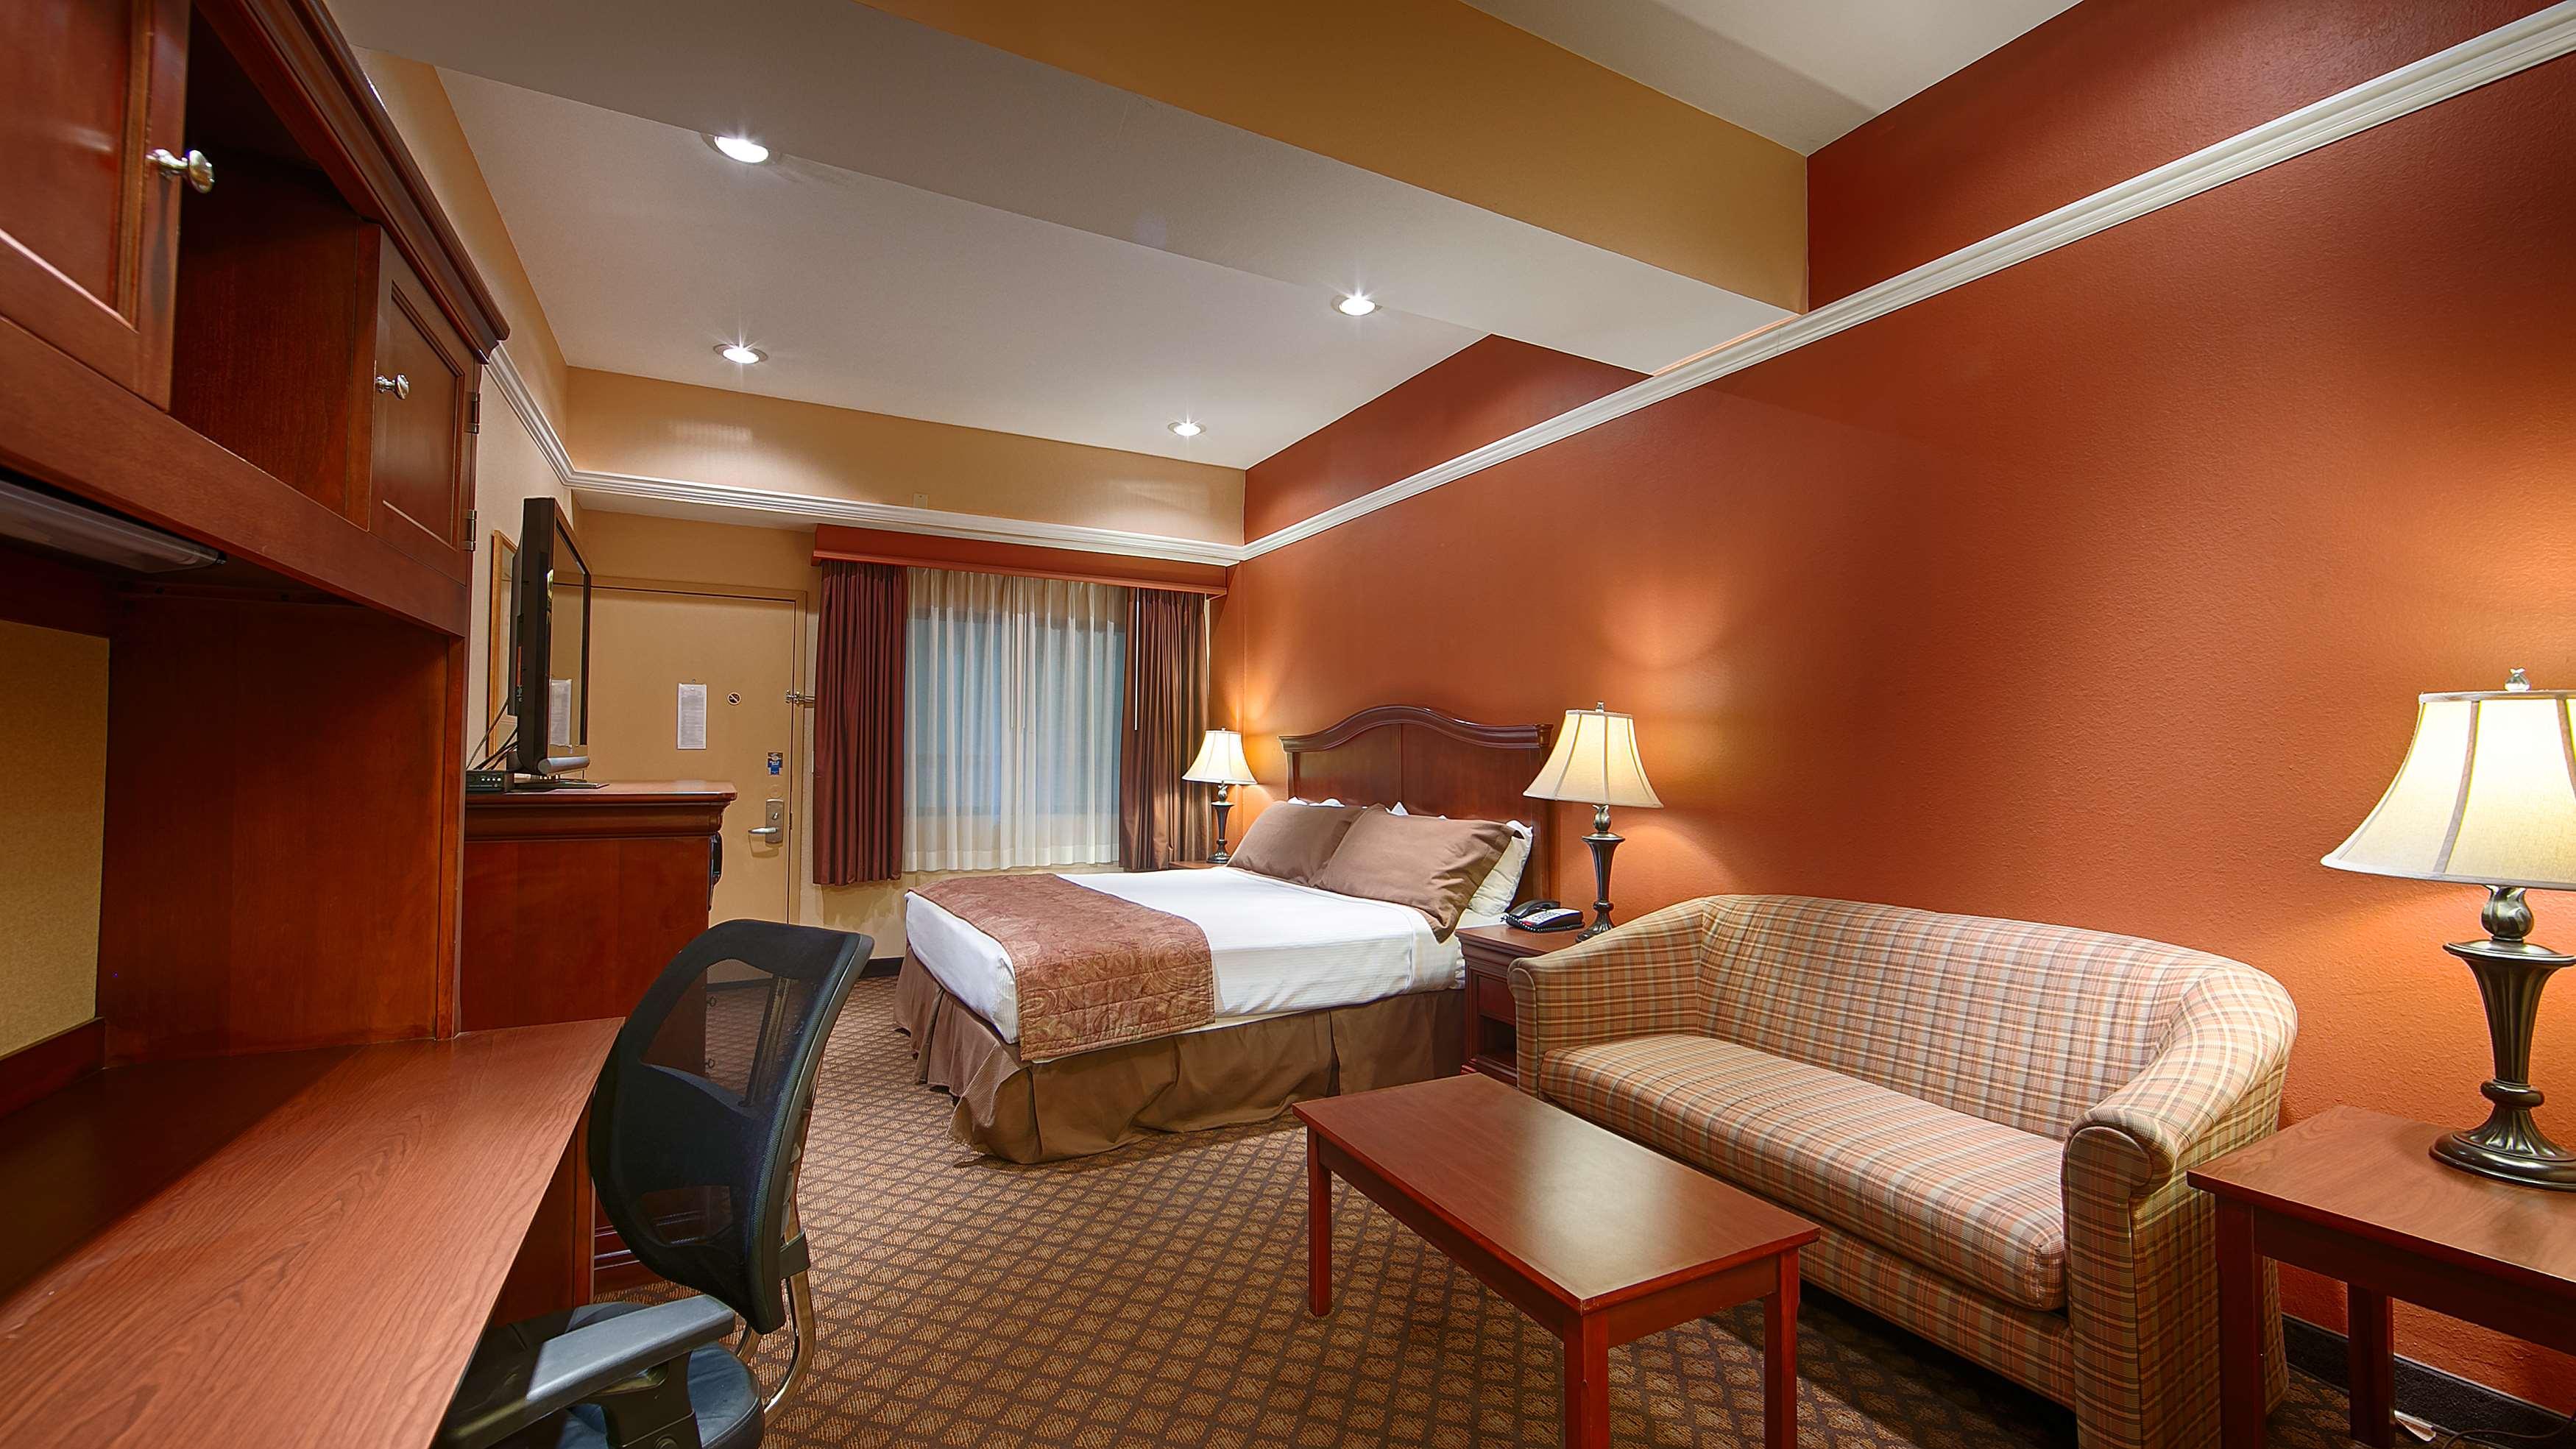 Best Western Plus Landing View Inn & Suites image 12